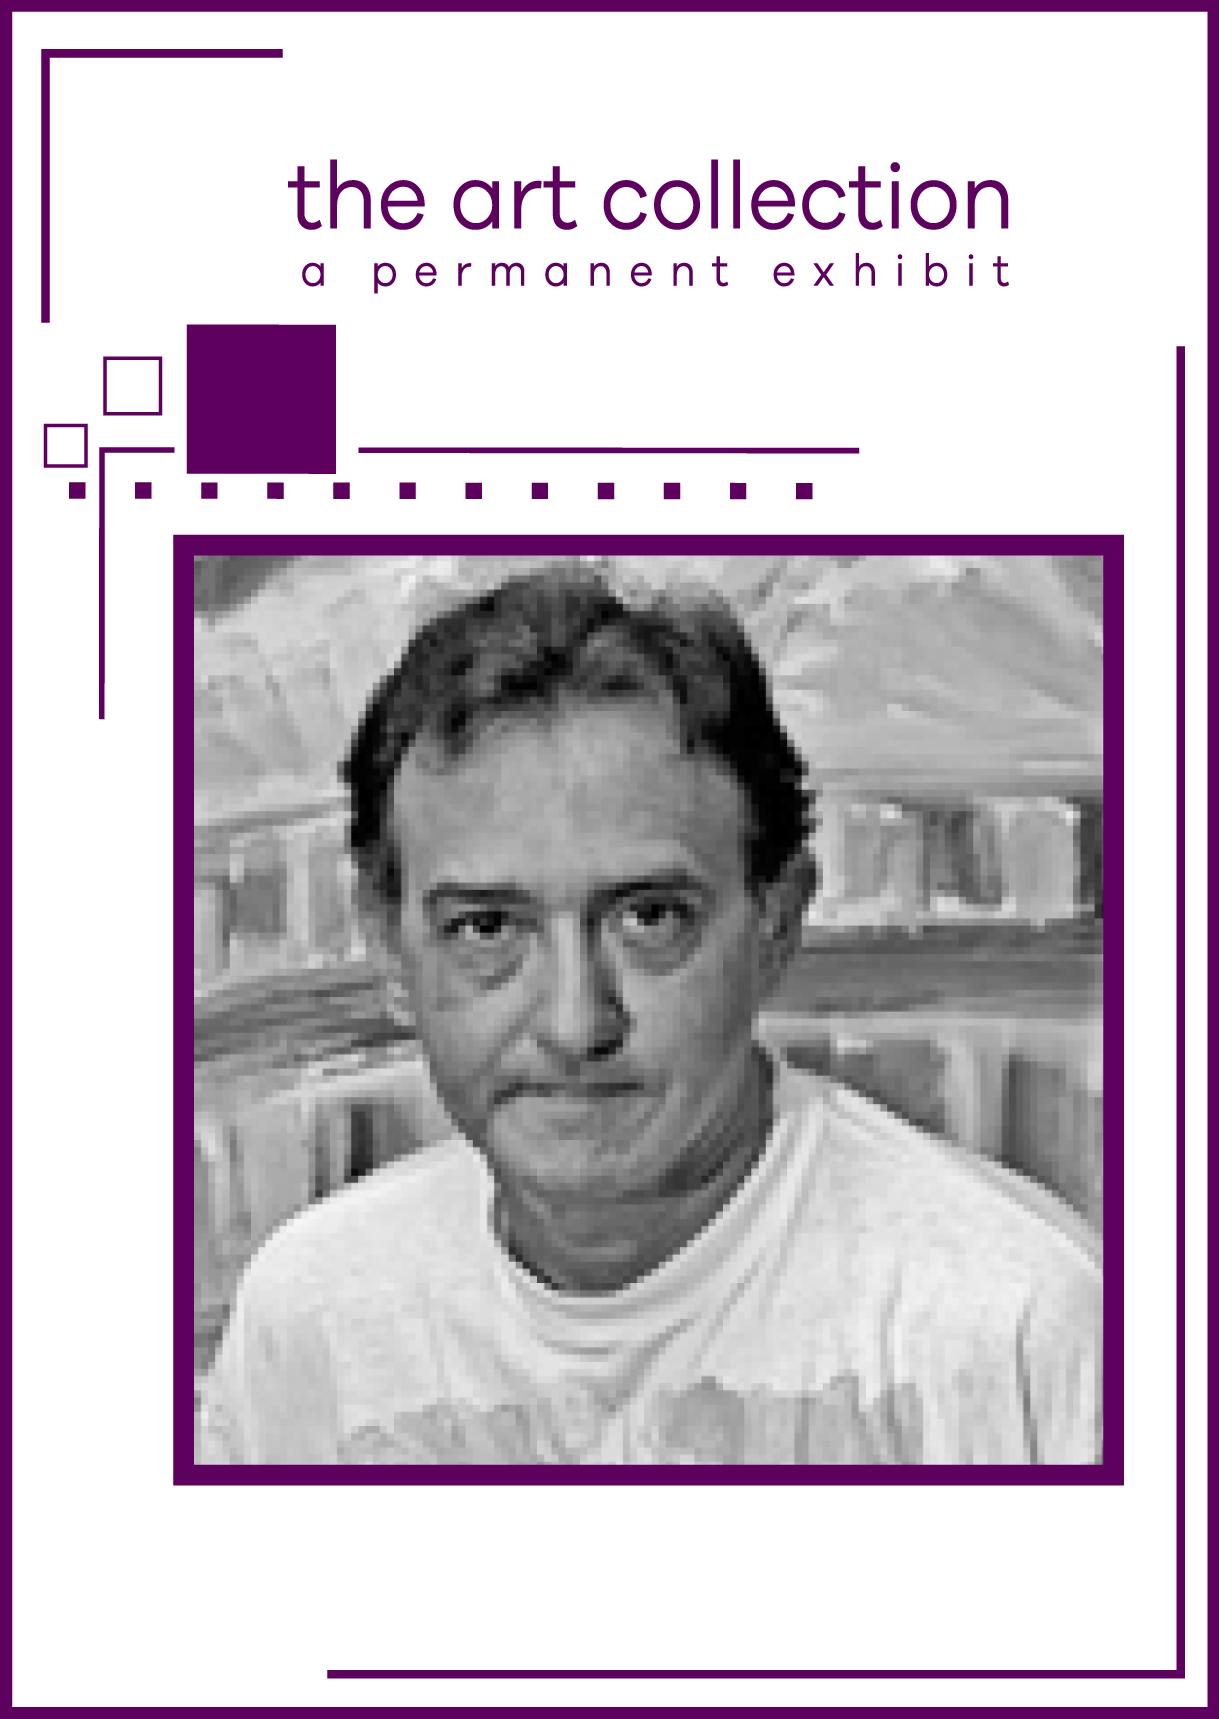 jair jacqmont-01